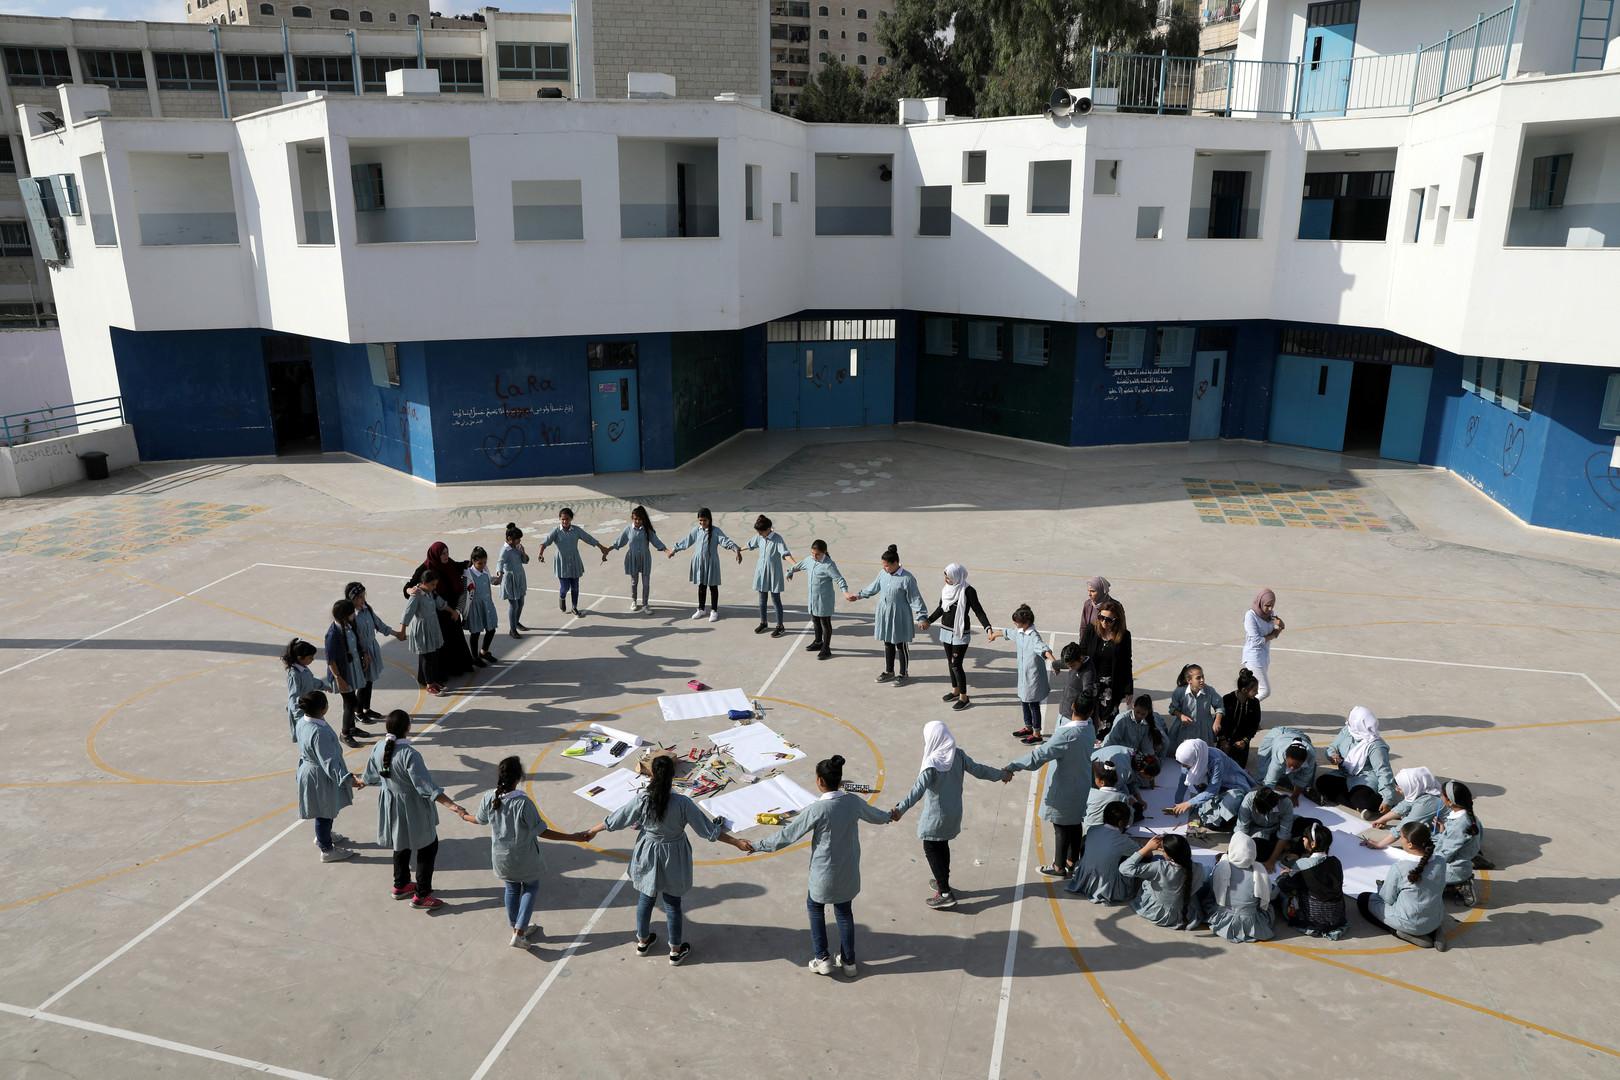 مدرسة فلسطينية تابعة للأنروا في الضفة الغربية (صورة أرشيفية)